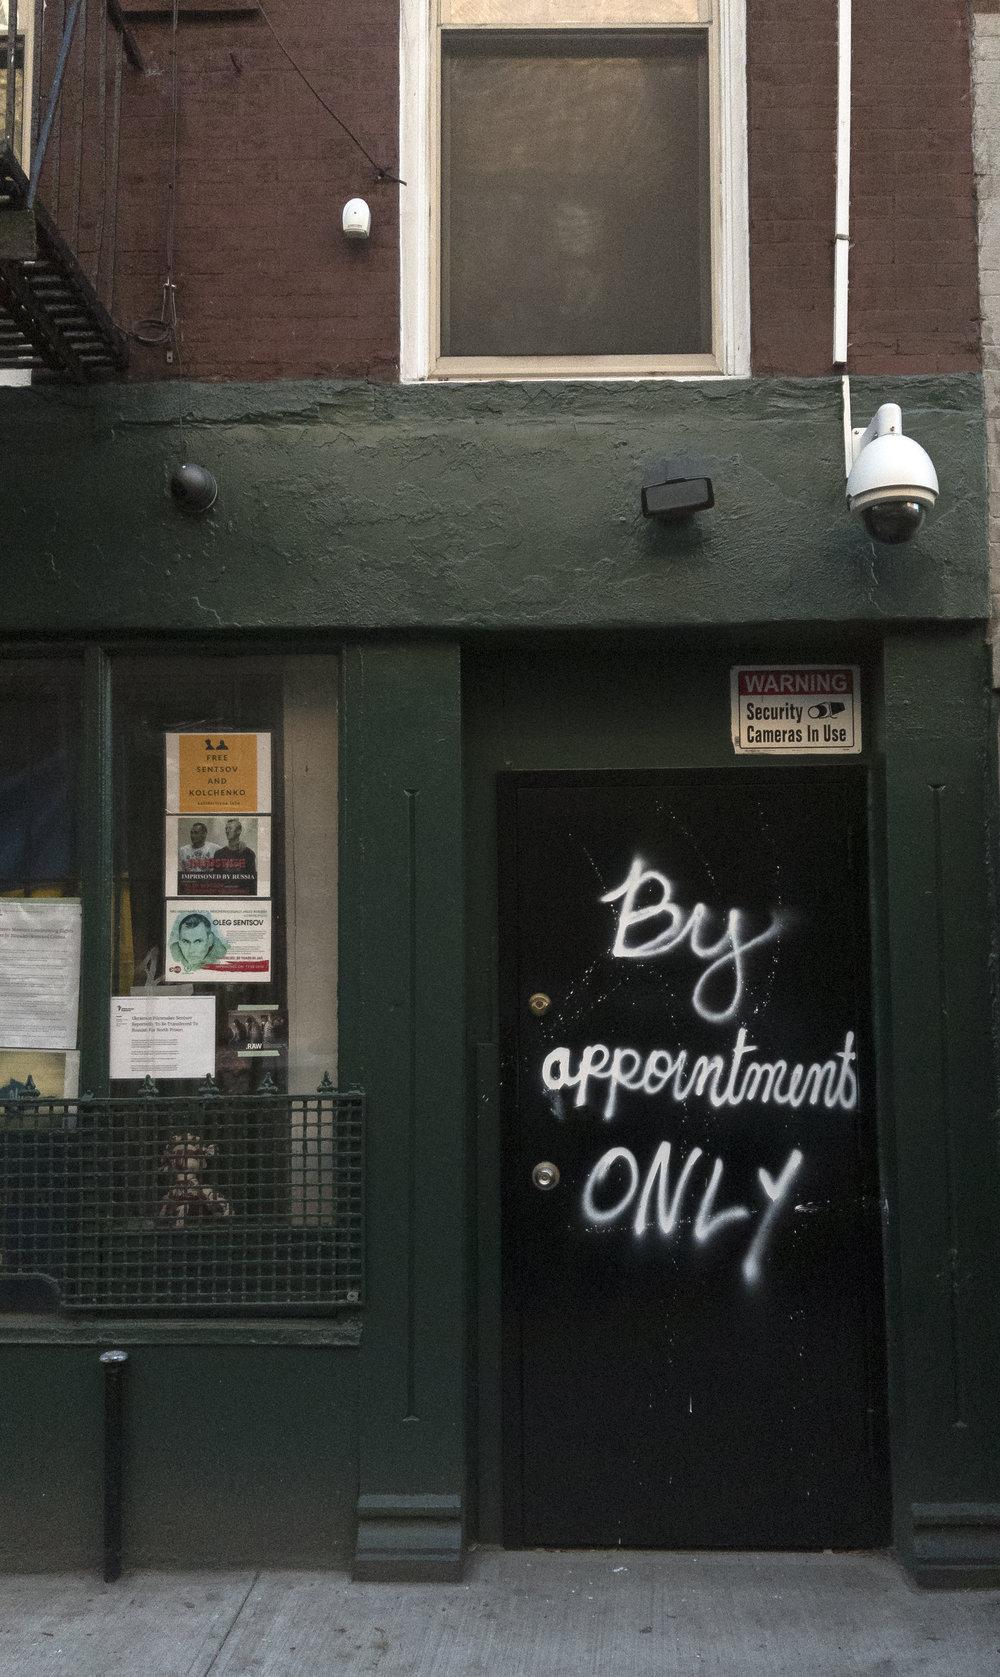 E. 1st Street, New York, NY